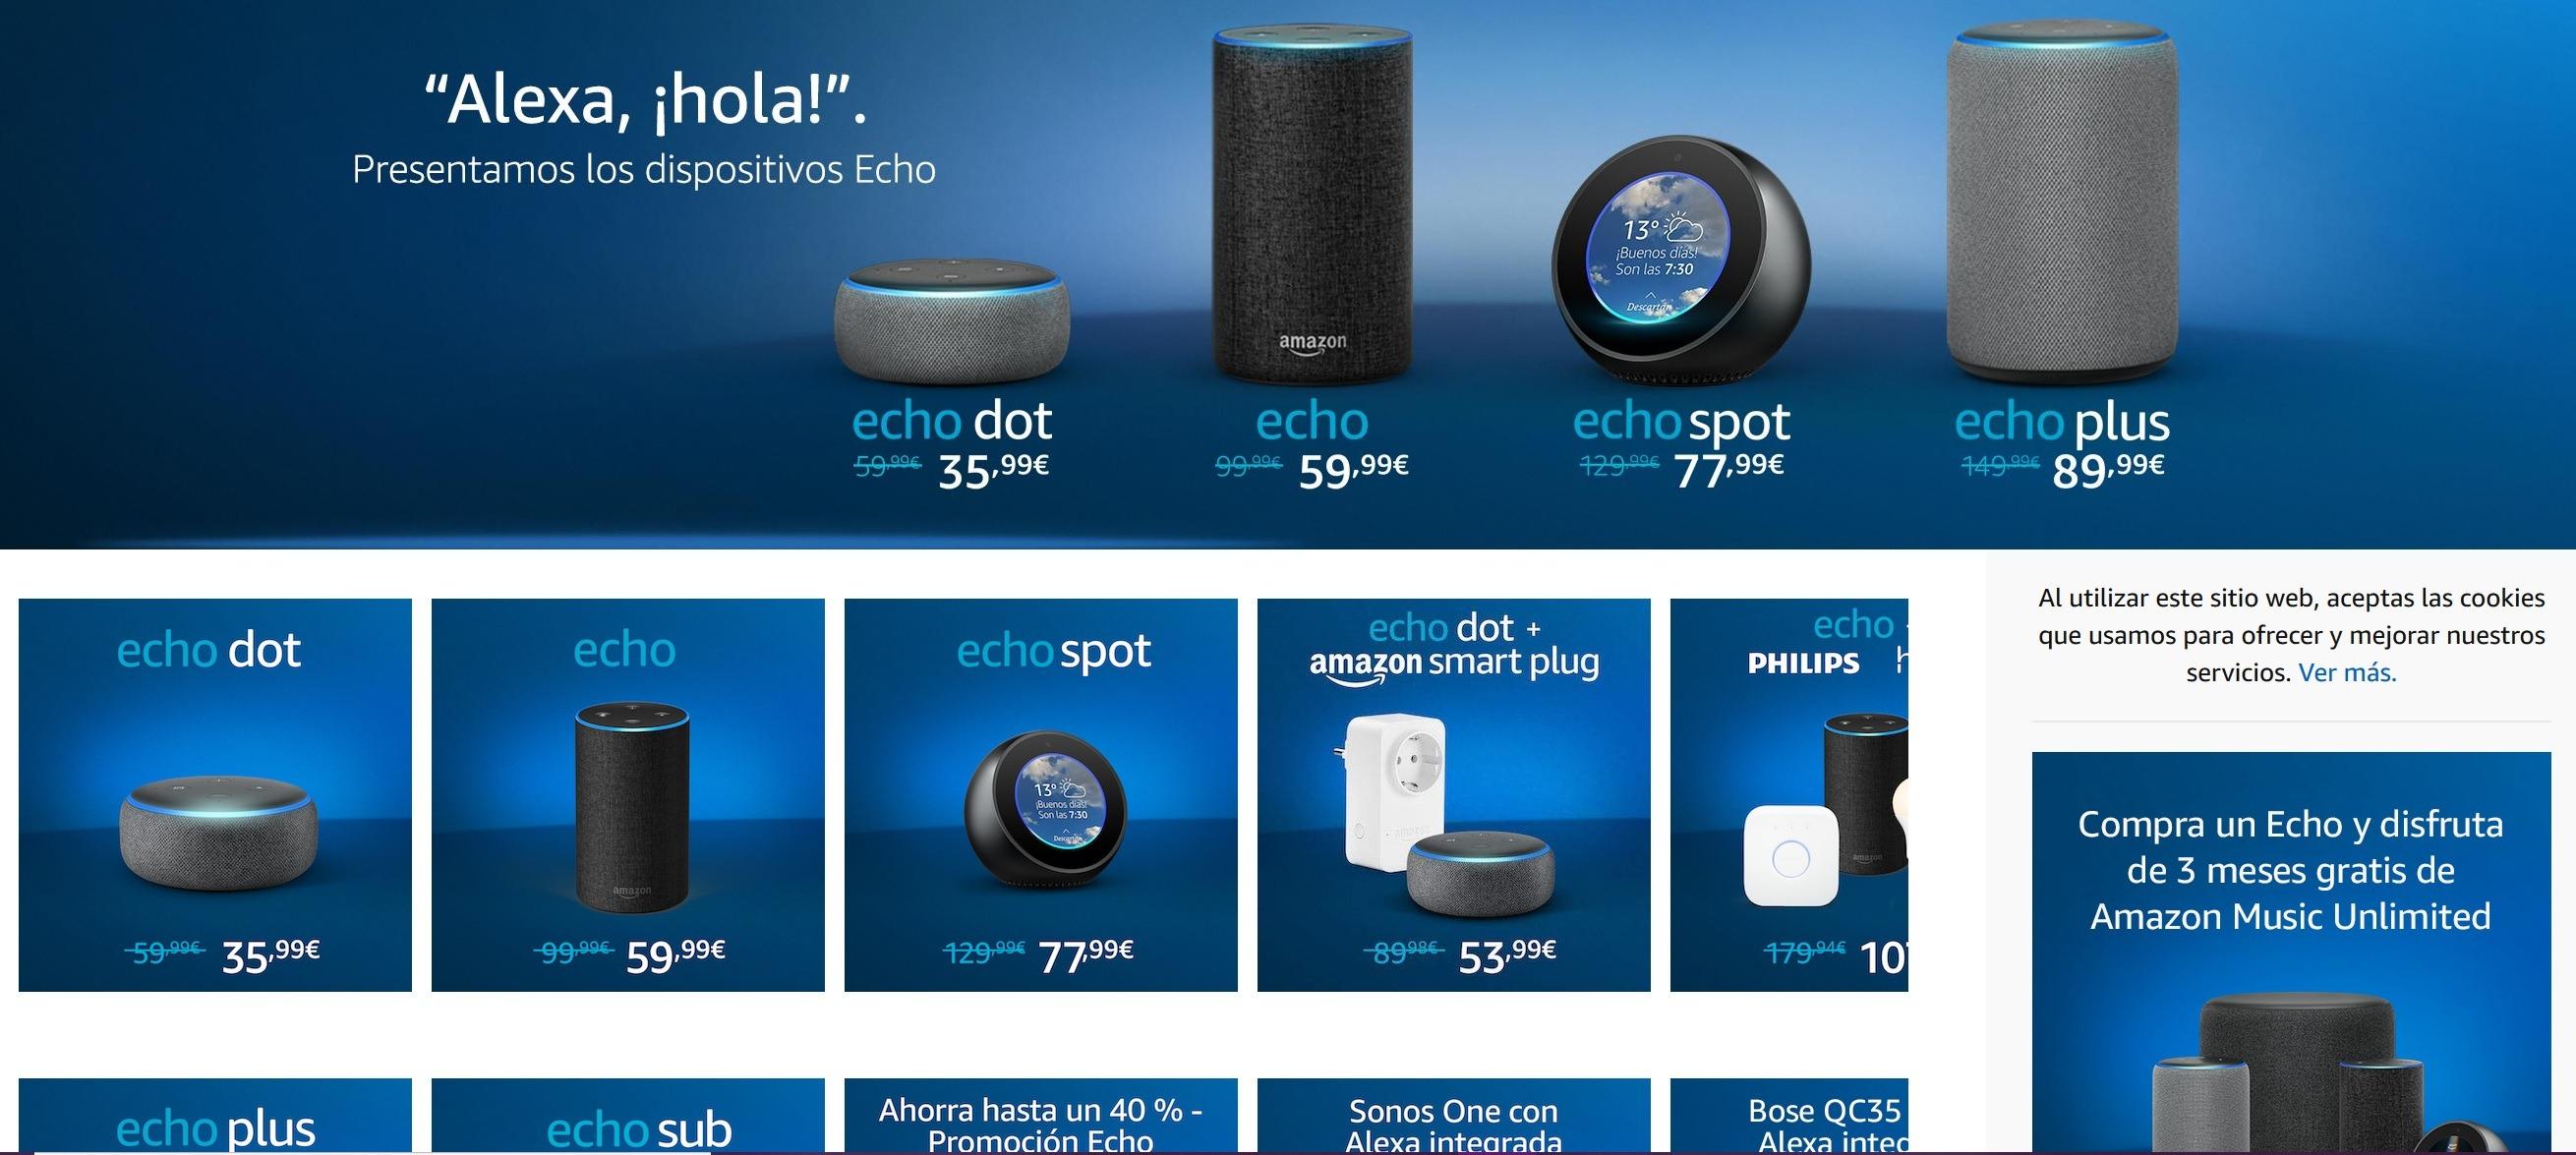 Amazon Echo aterriza en España y lo hace con descuento 1